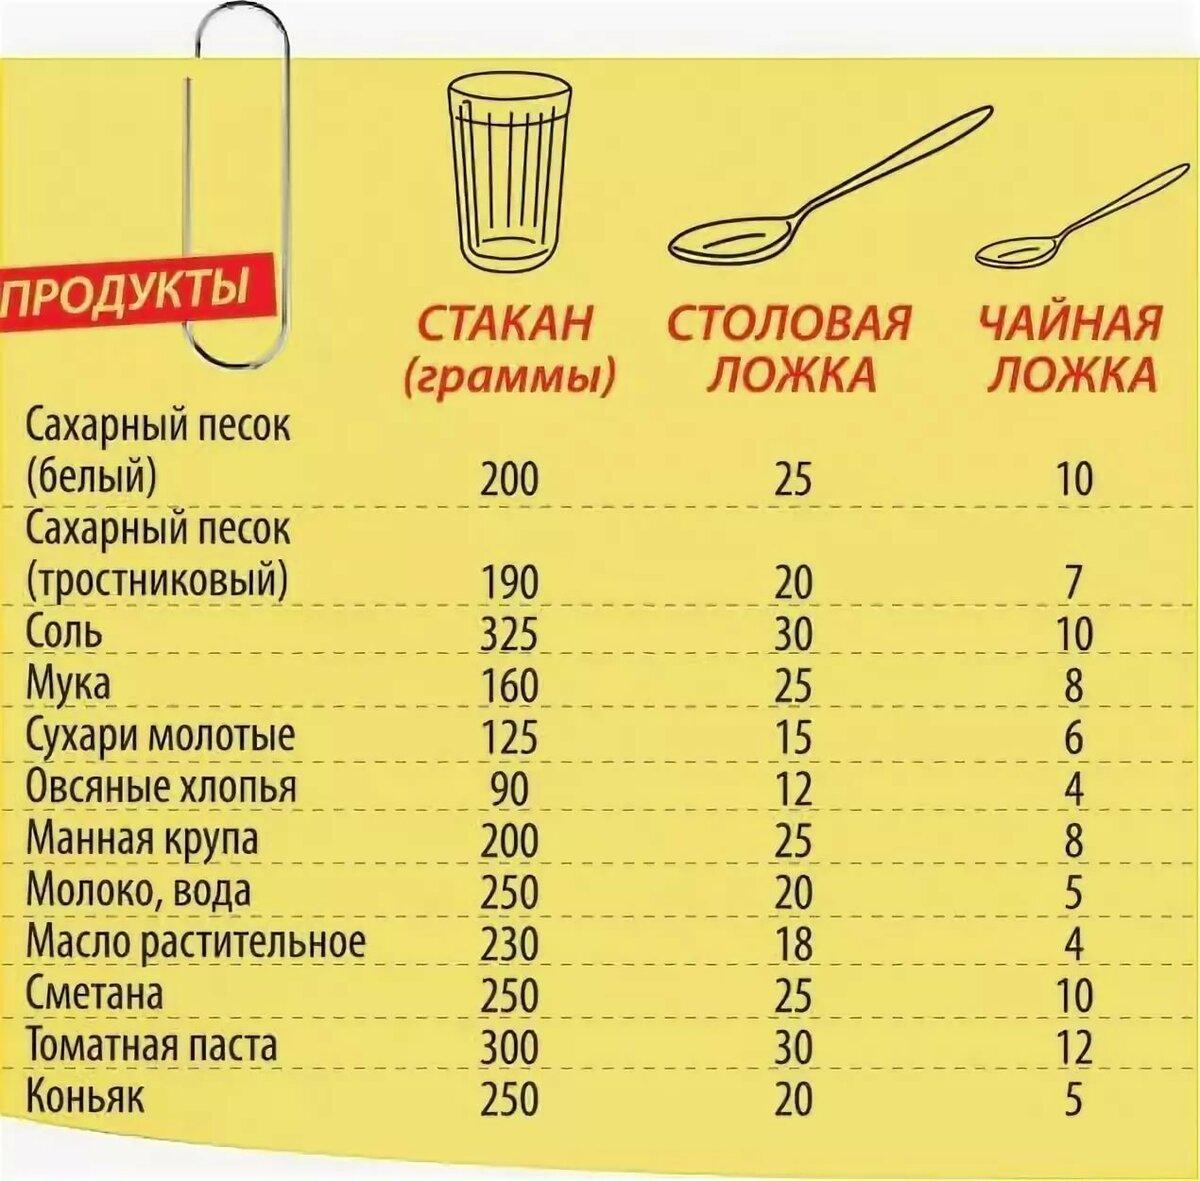 сколько грамм жидкости в стакане